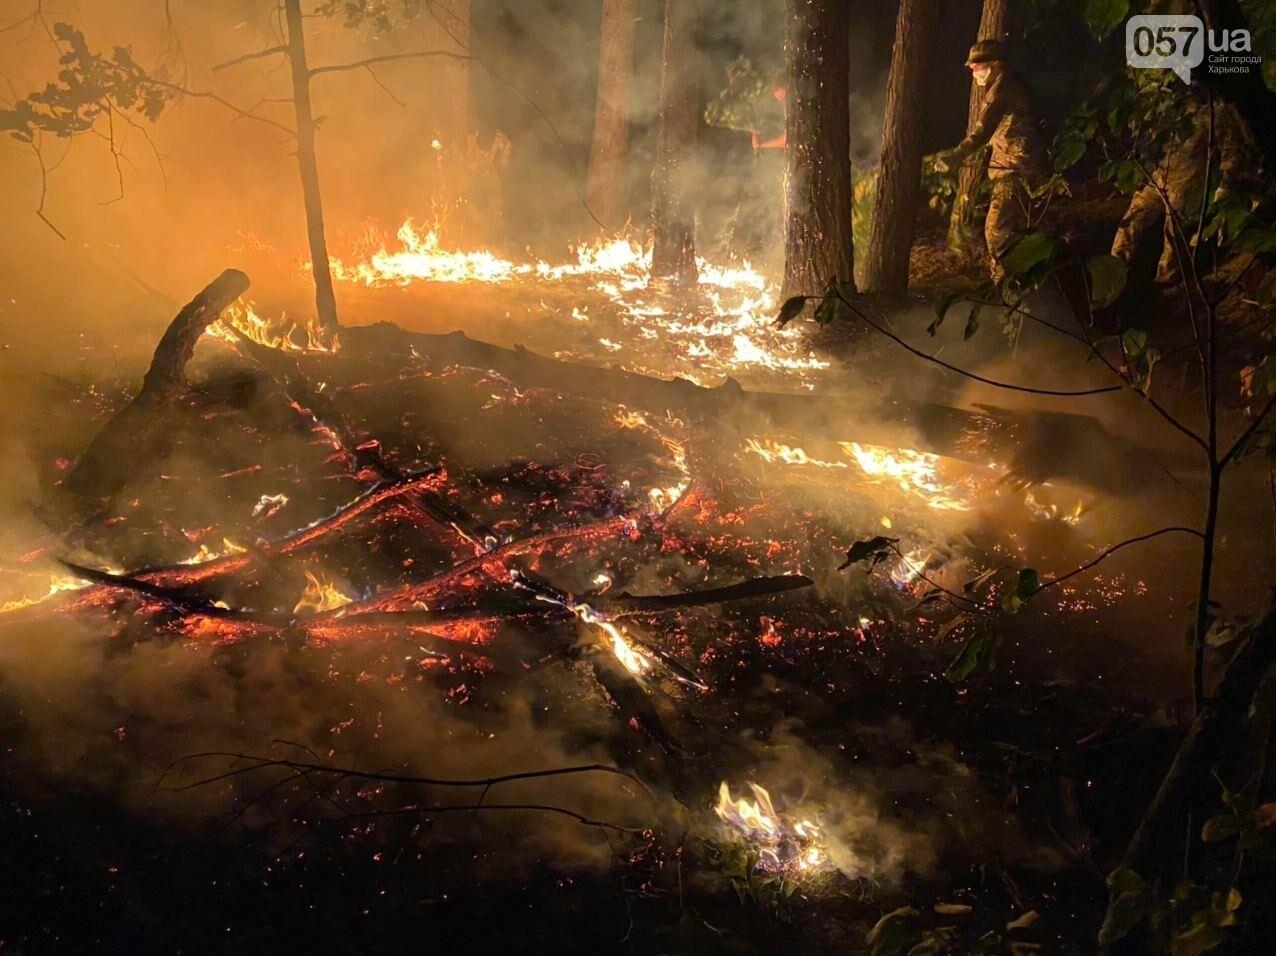 """""""Горит лес, нужна помощь"""": как мы тушили пожар в Чугуеве, - ФОТО, фото-10"""